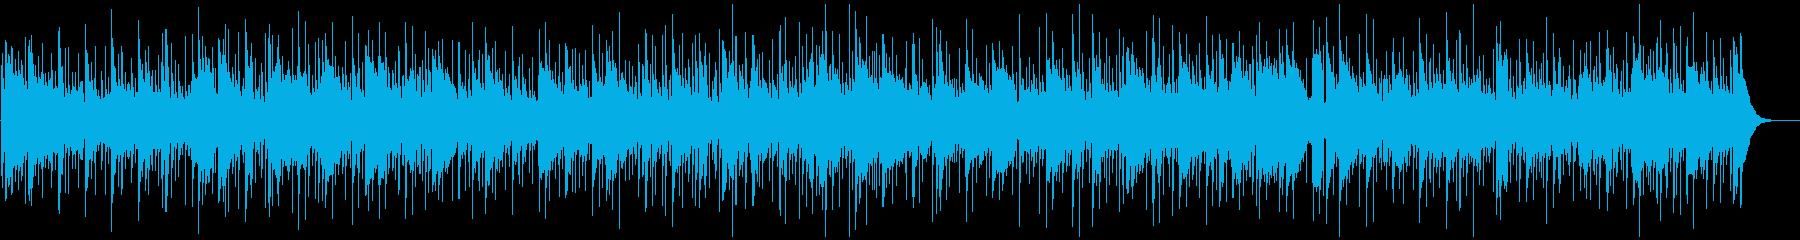 少しせつないマンドリンの音色、フォーク調の再生済みの波形